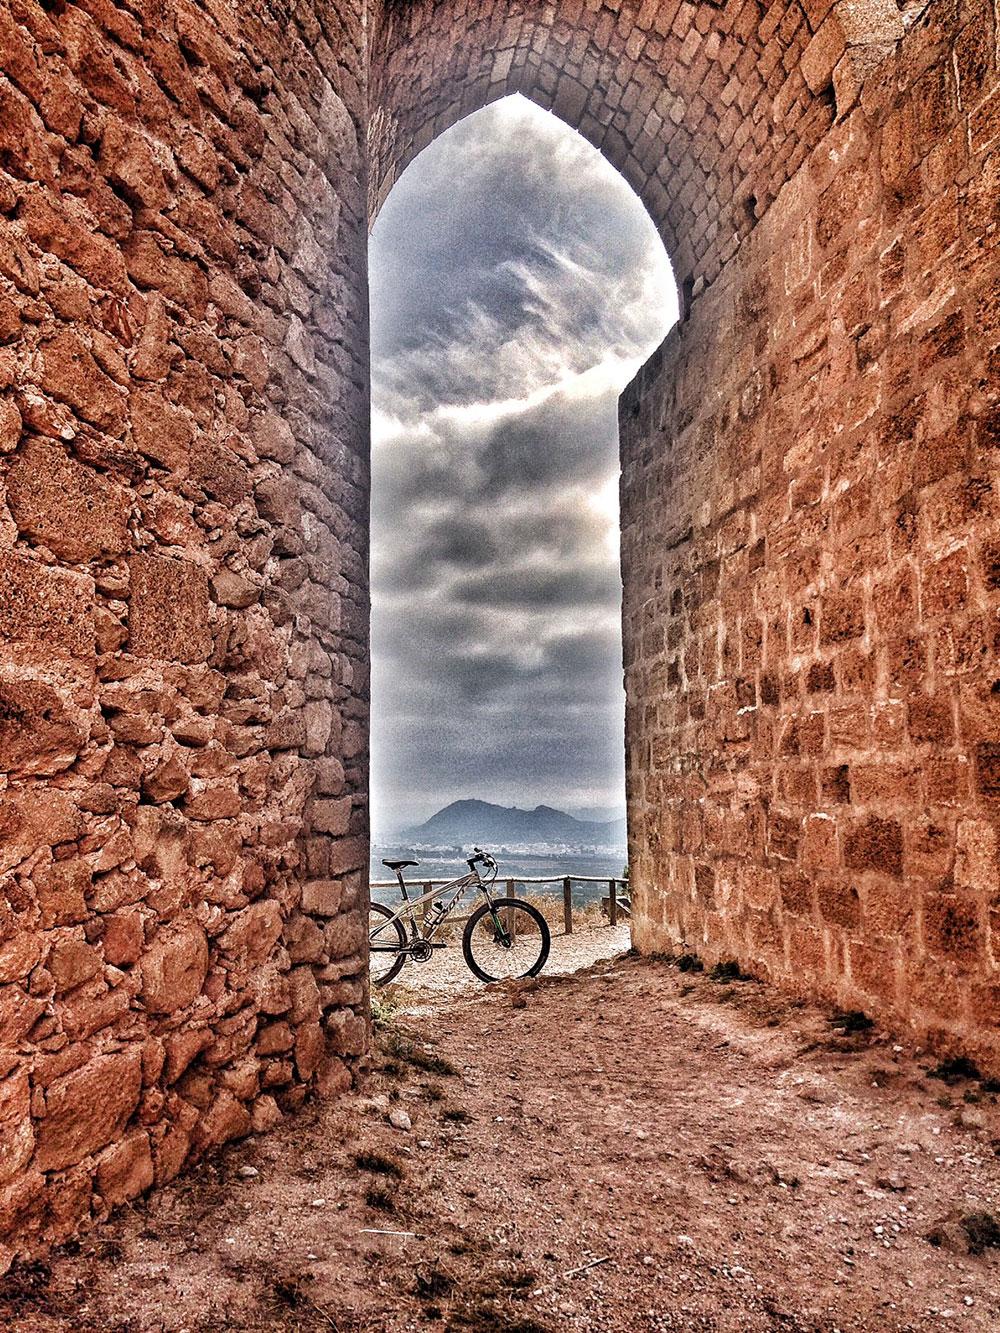 En TodoMountainBike: La foto del día en TodoMountainBike: 'Castillo de Montesa'